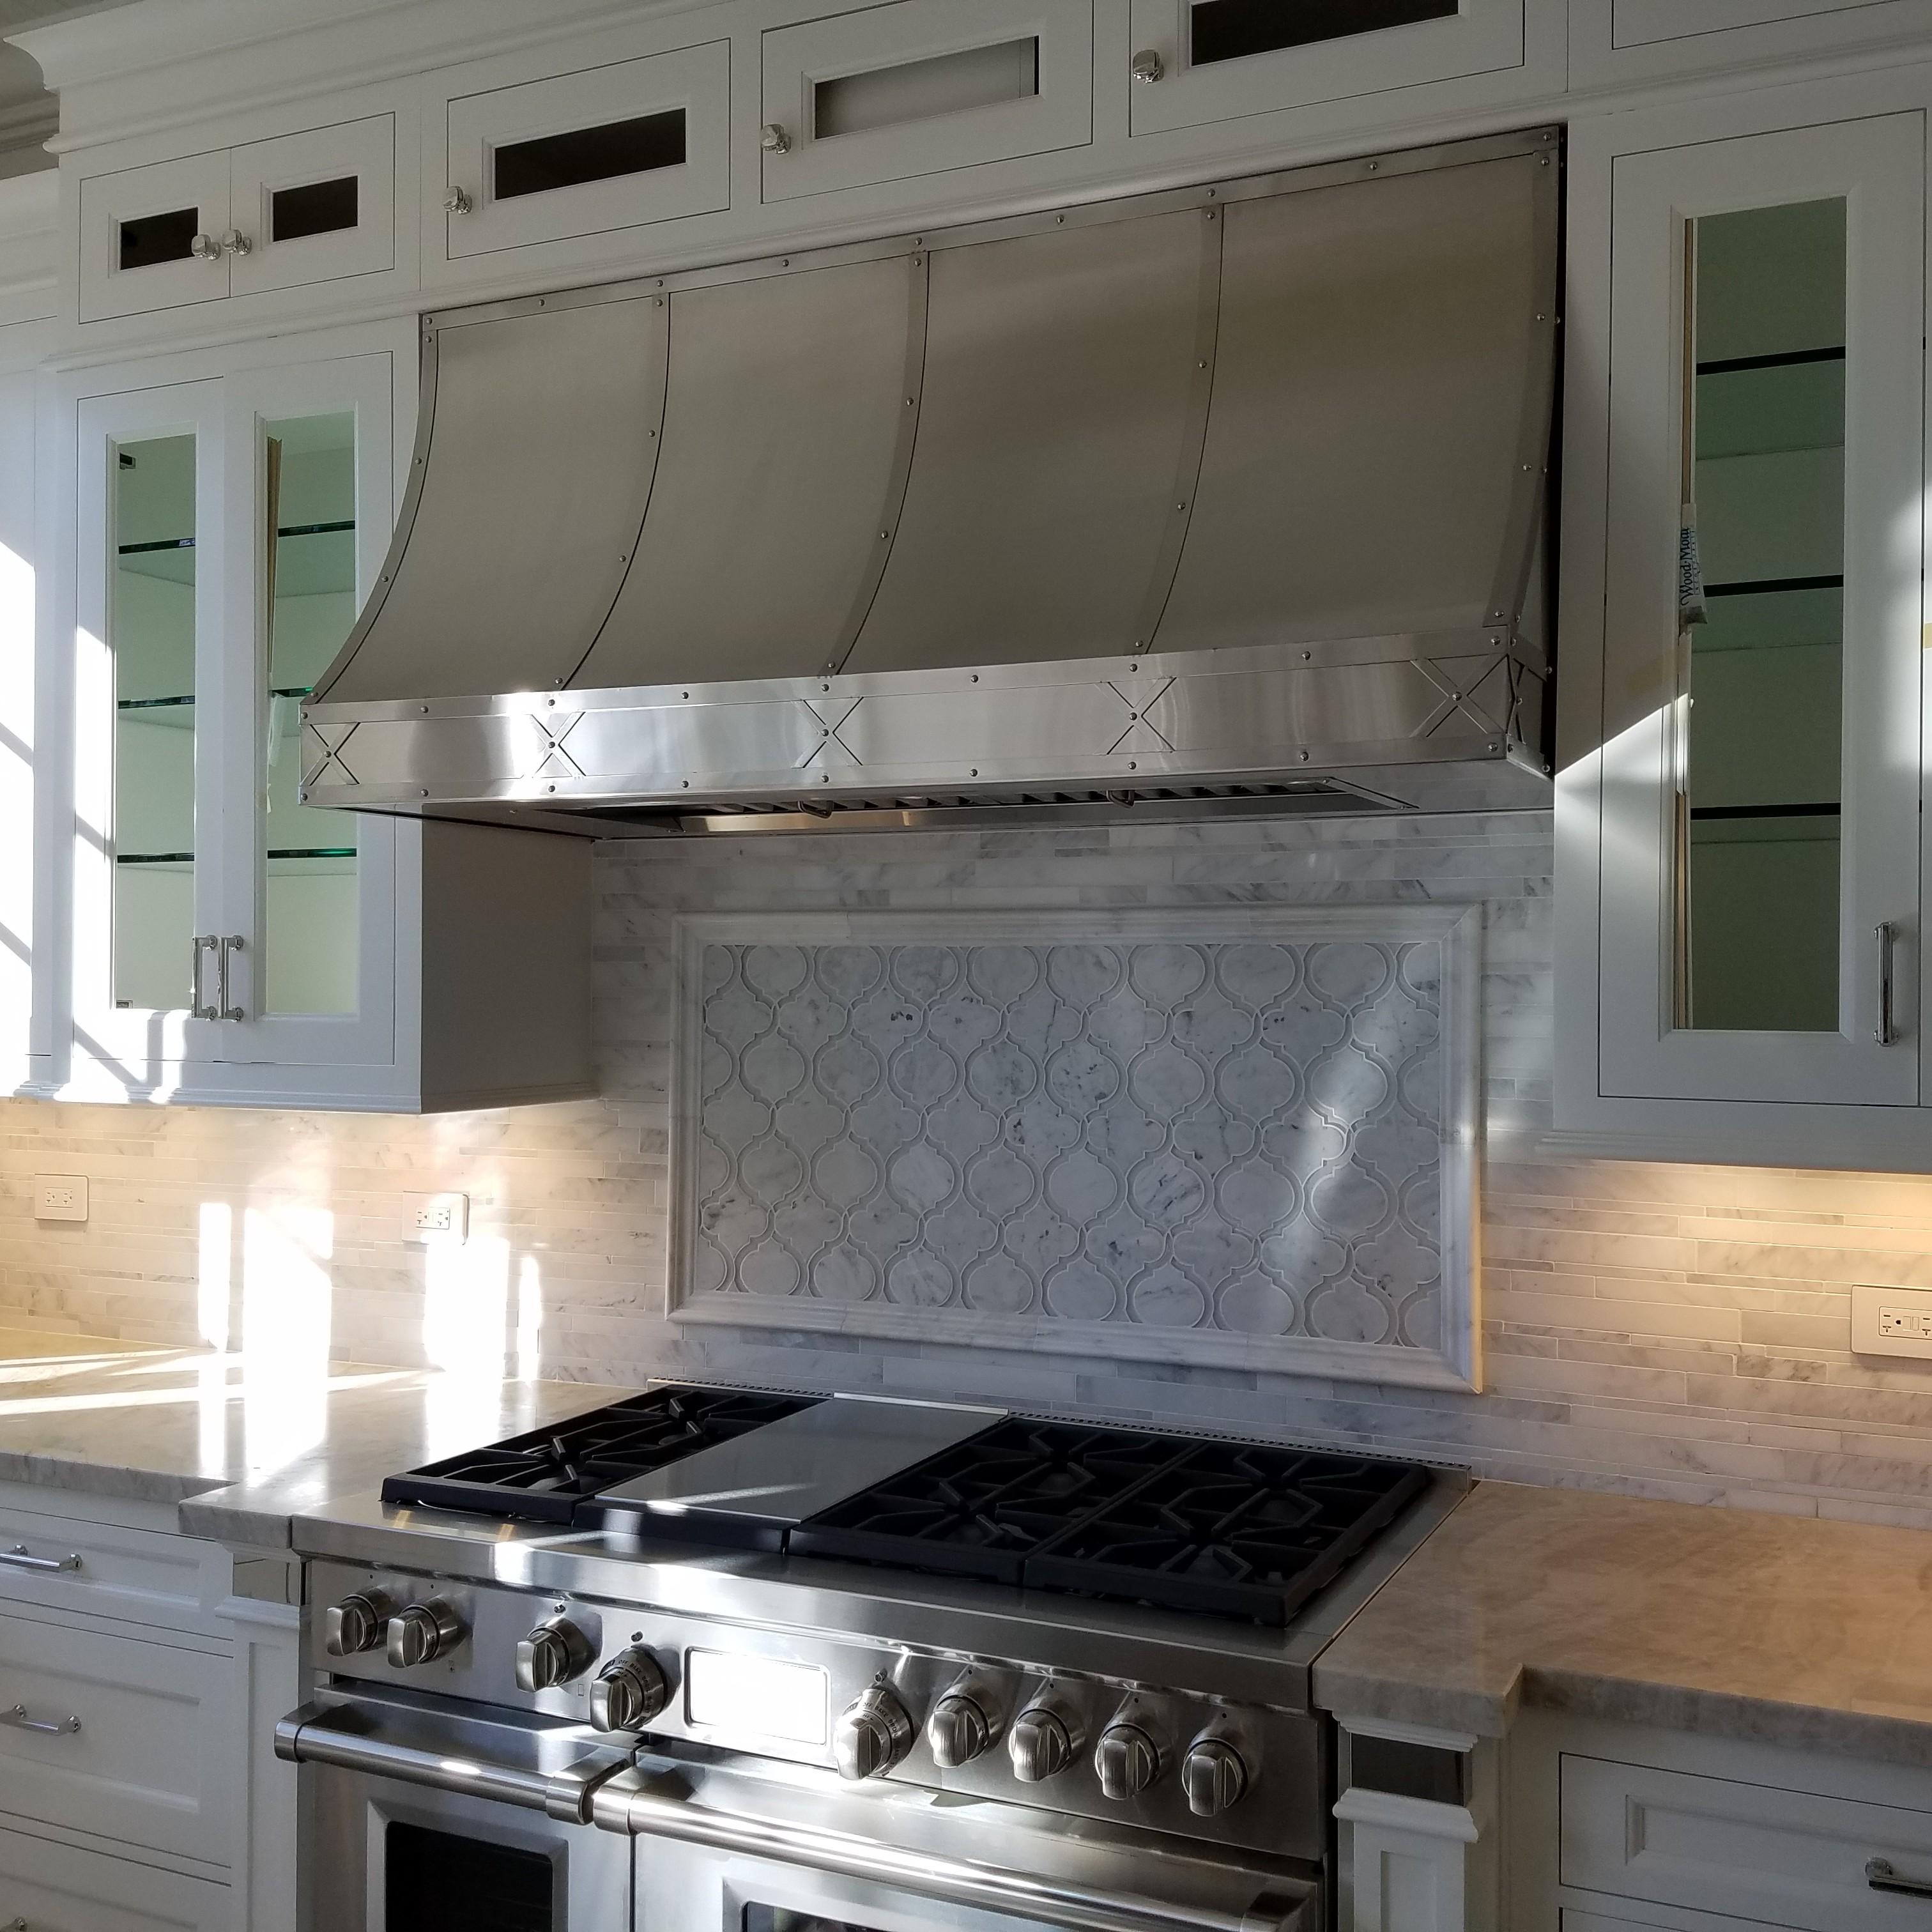 Best Kitchen Gallery: Stainless Steel Range Hoods Custom Metal Home of Metal Kitchen Hoods on rachelxblog.com